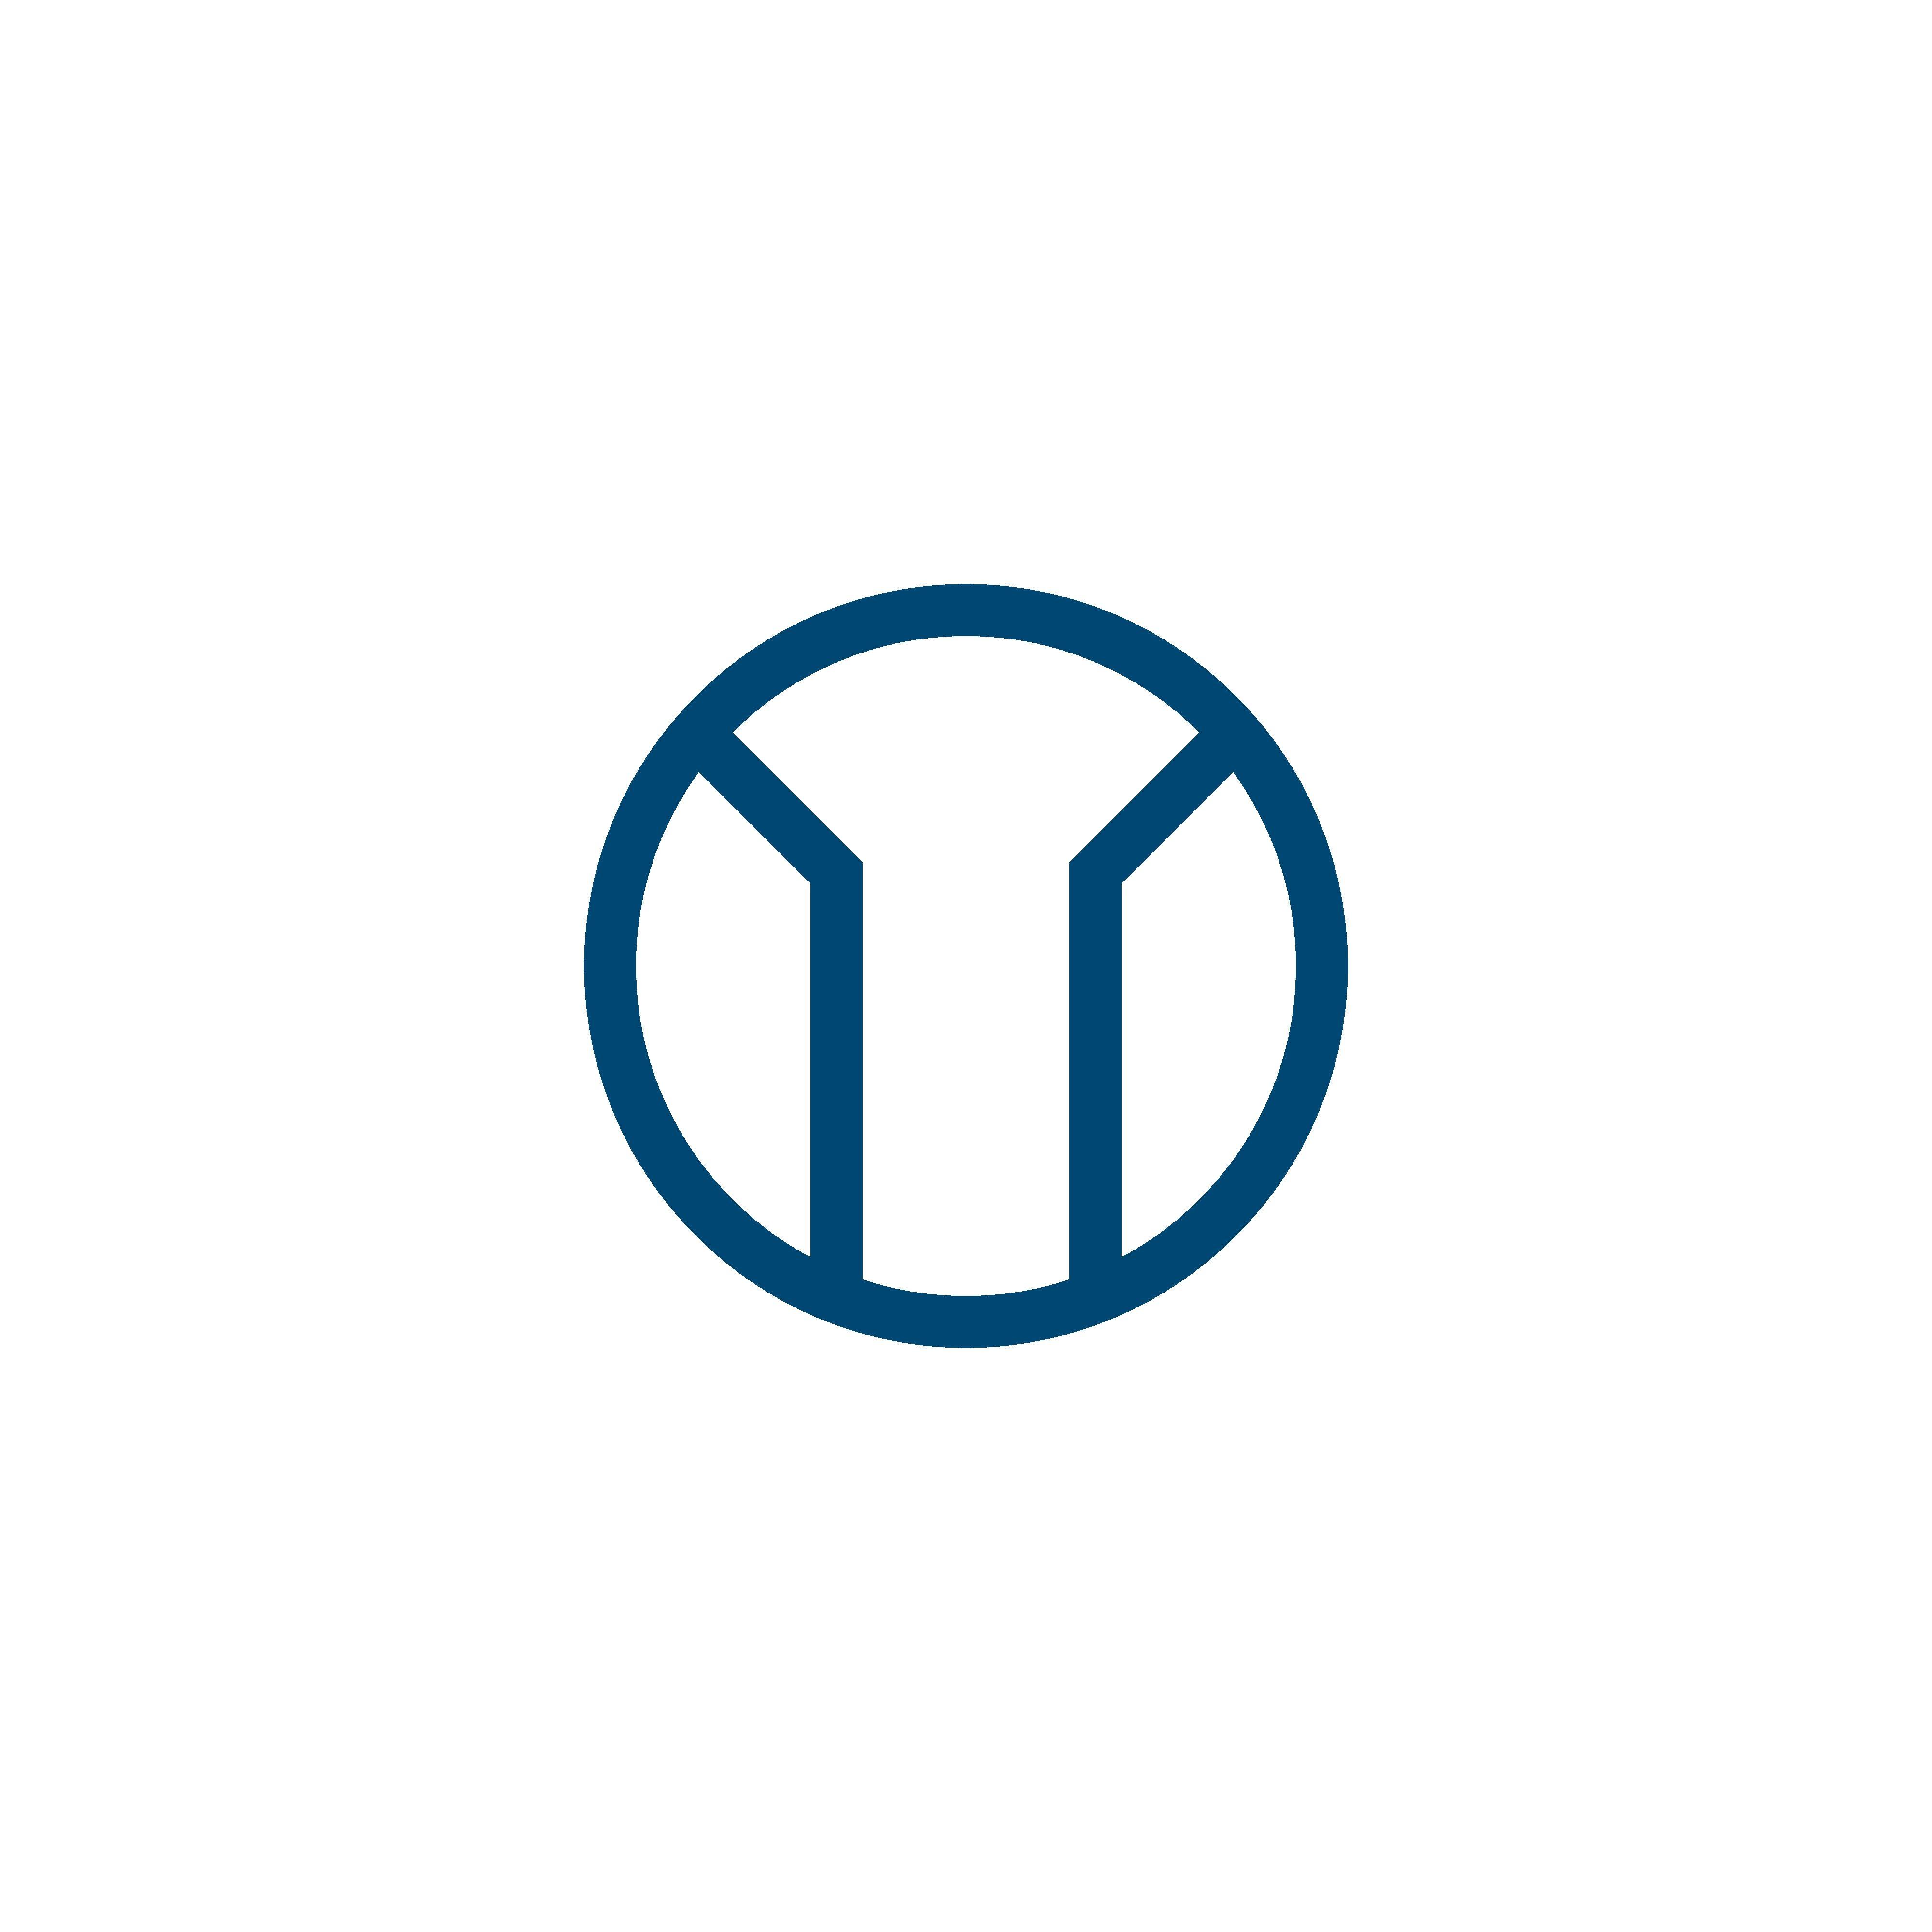 M letter logo vector. TM letter logo vector. Circle logo